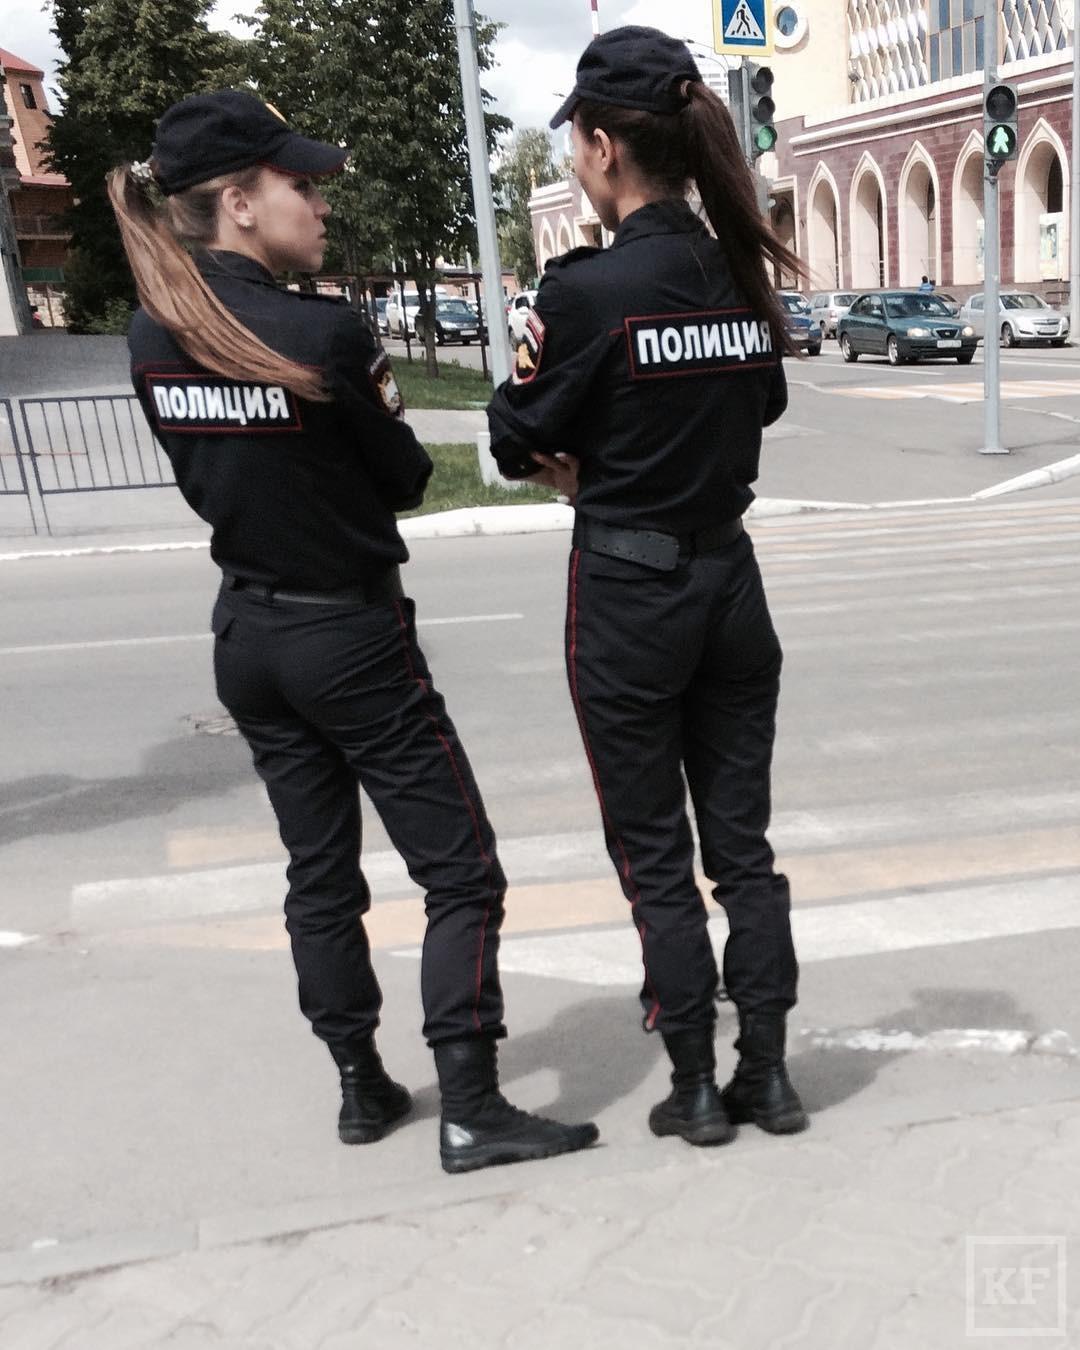 Работа в казани полиция для девушек отзывы о работе в китае модели